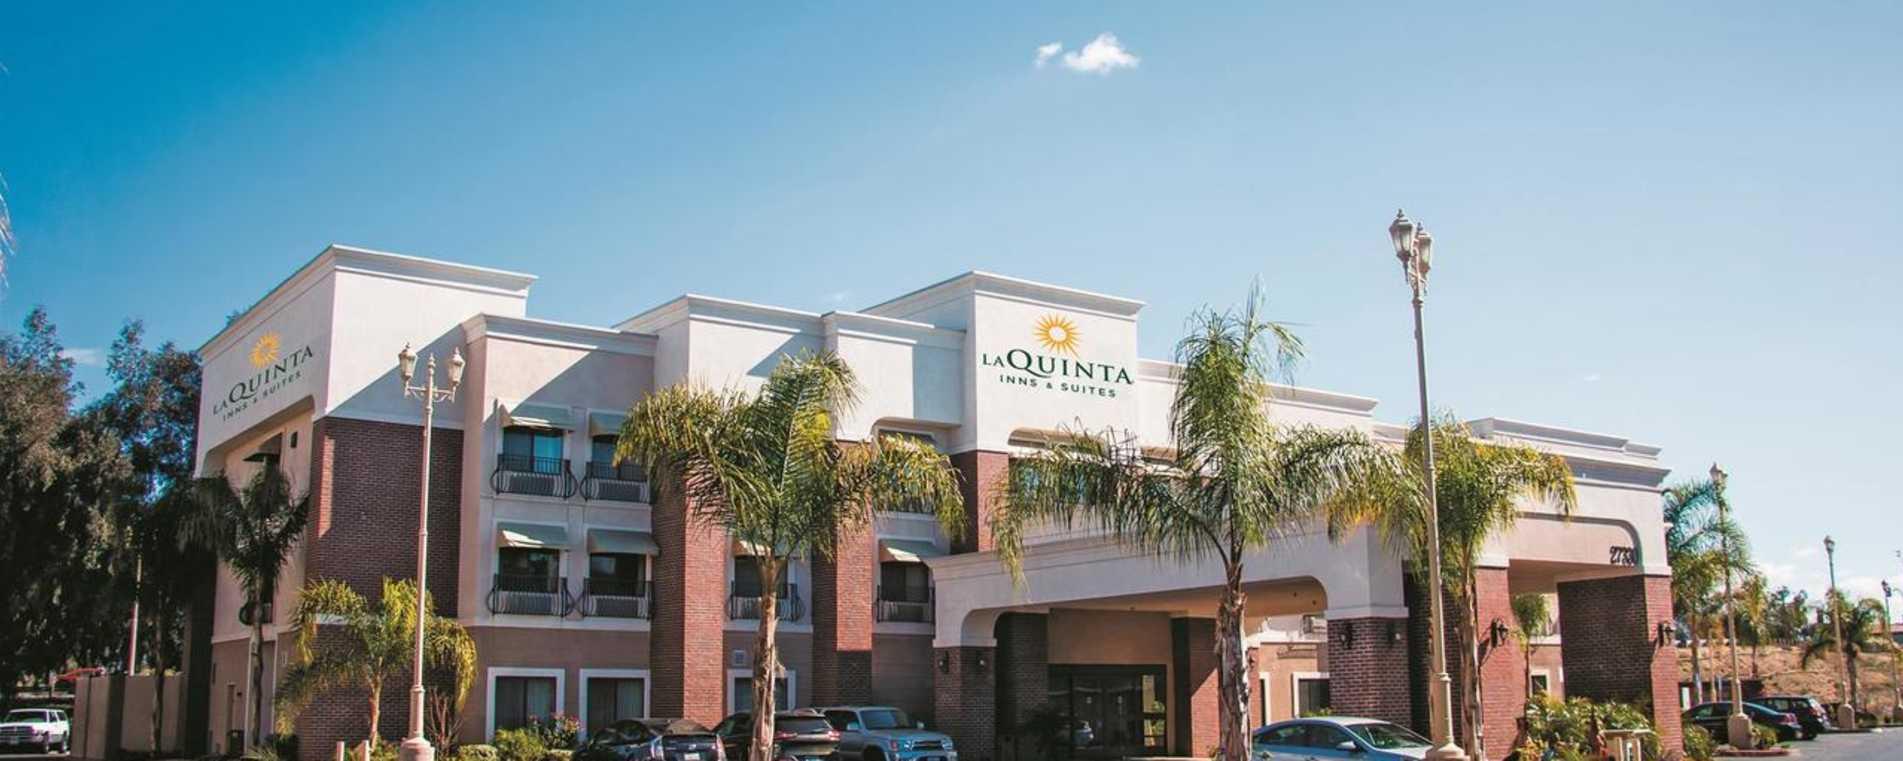 La Quinta Inns & Suites - Temecula